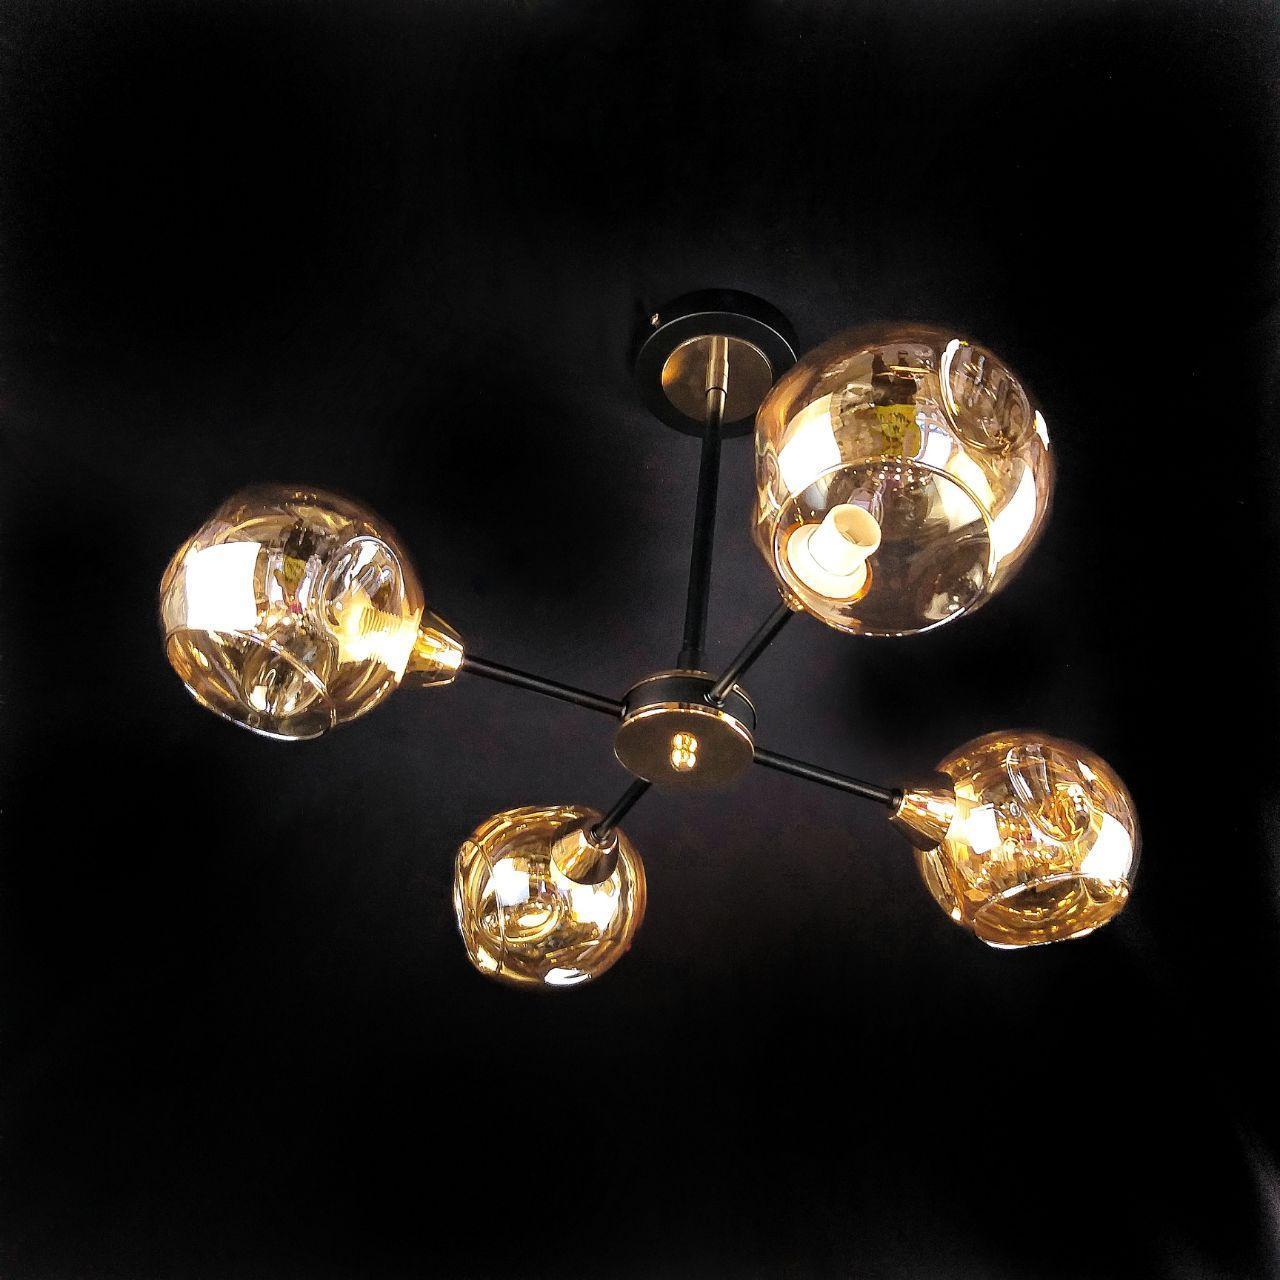 Люстра подвесная на 4 лампы 29-H089/4 BK+FGD